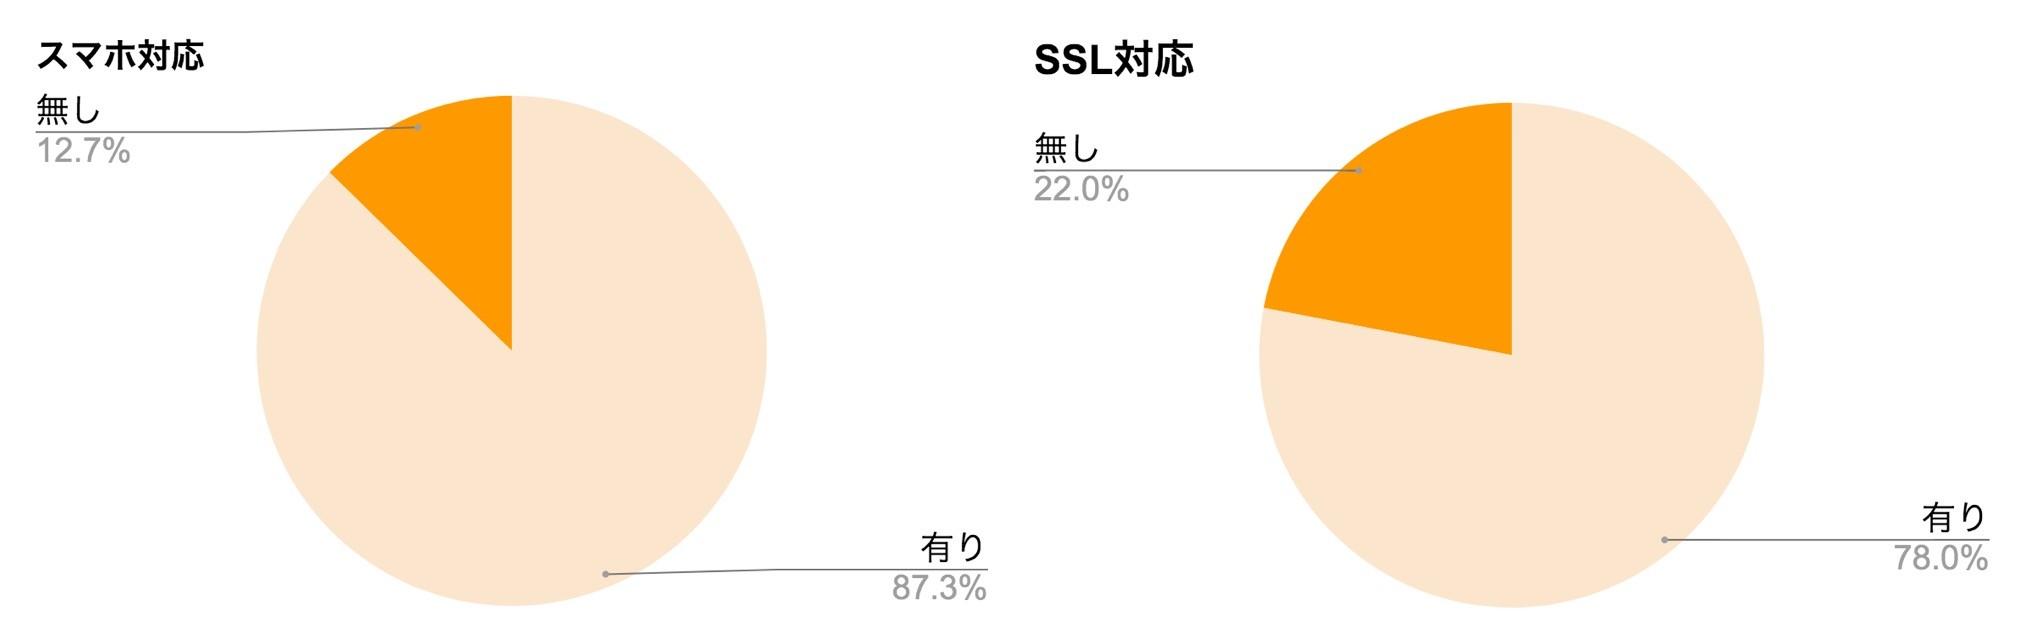 Web制作会社のスマホ対応とSSL対応